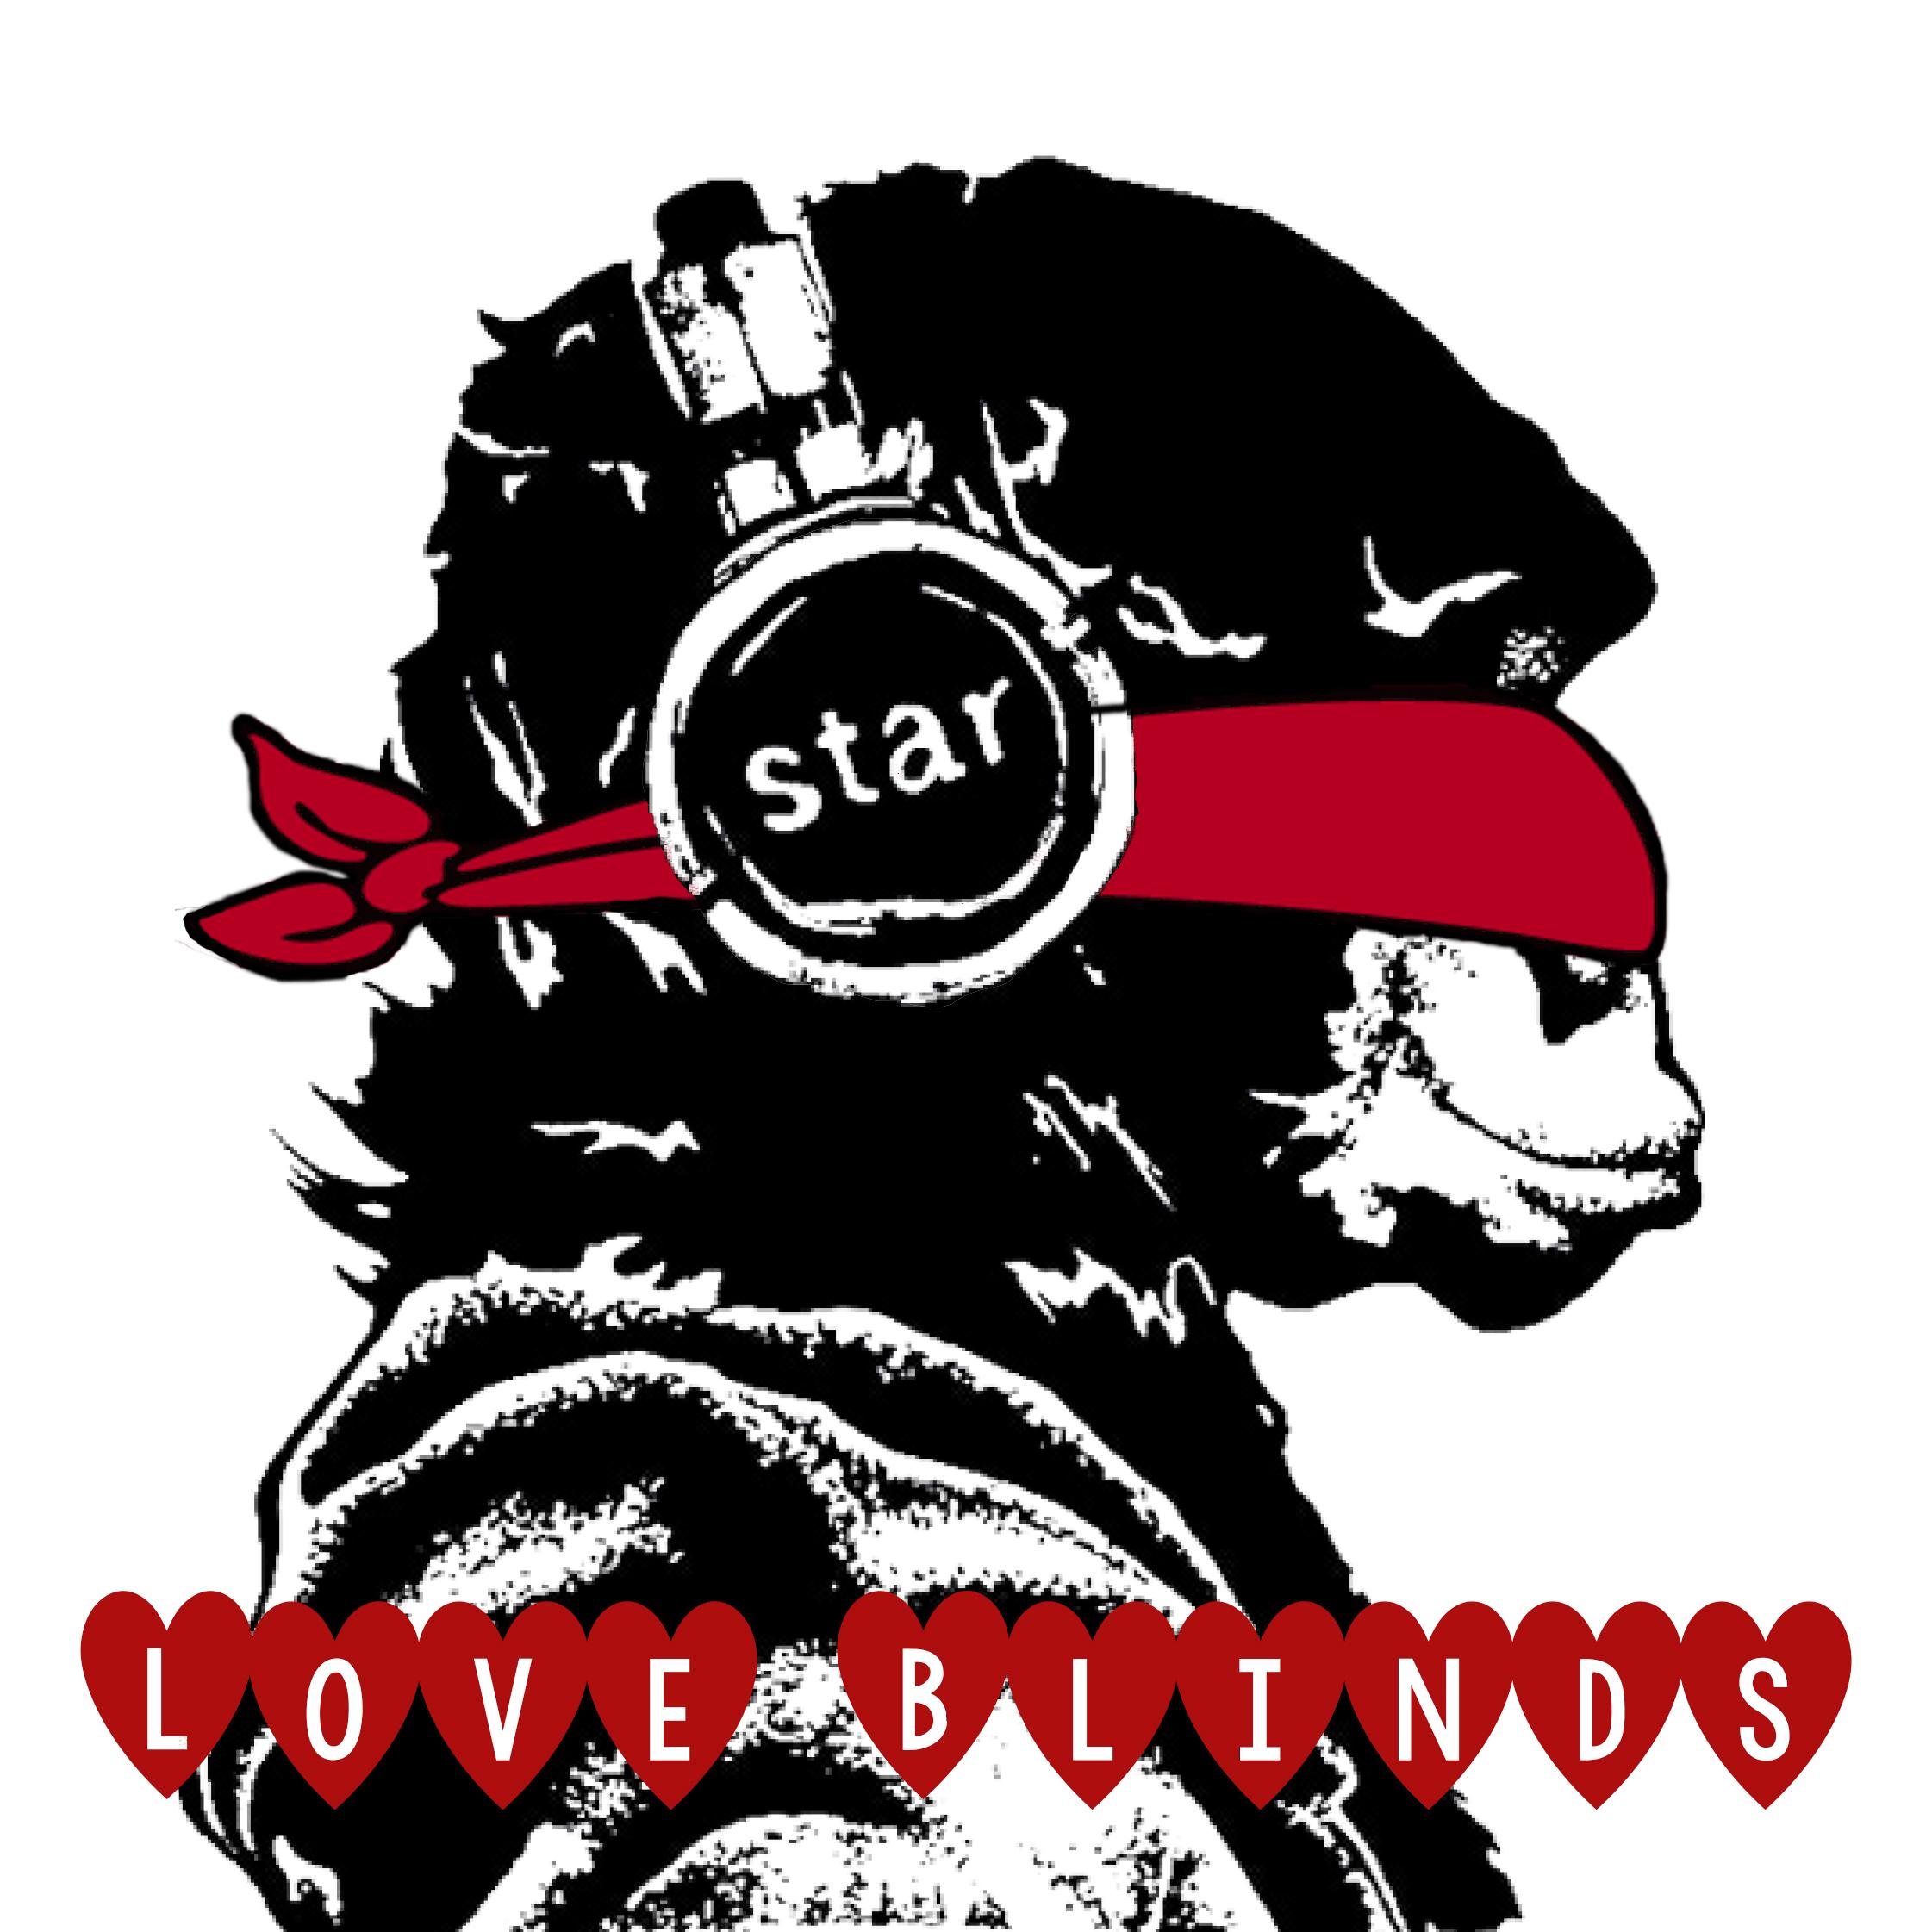 LoveBlindsCoverArt.jpg